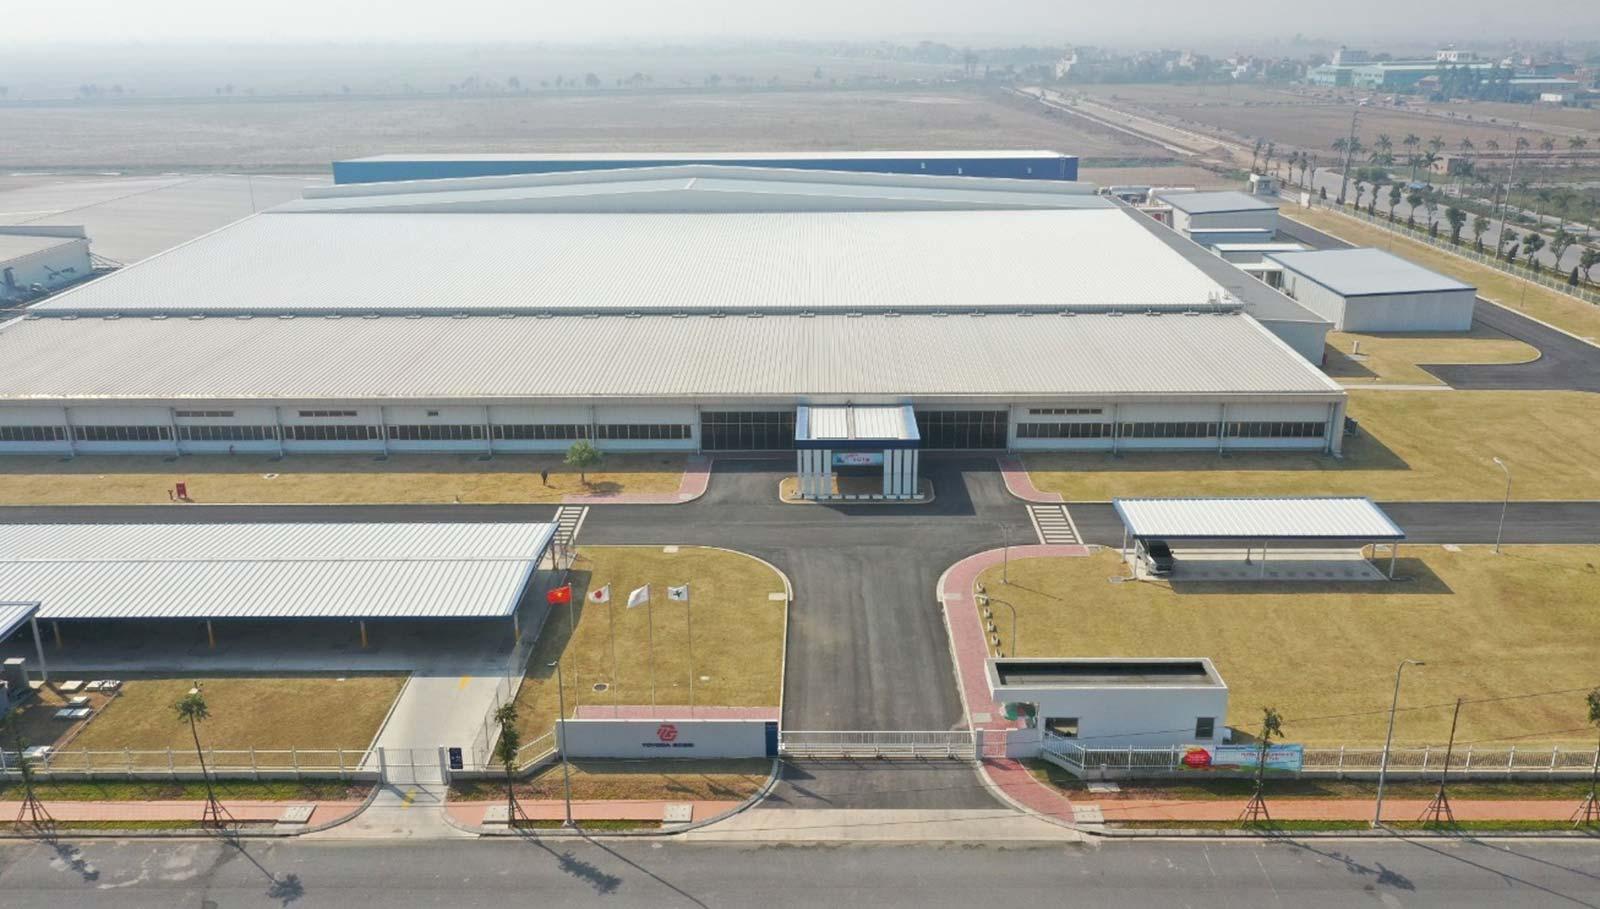 khu công nghiệp Tiền Hải Thái Bình